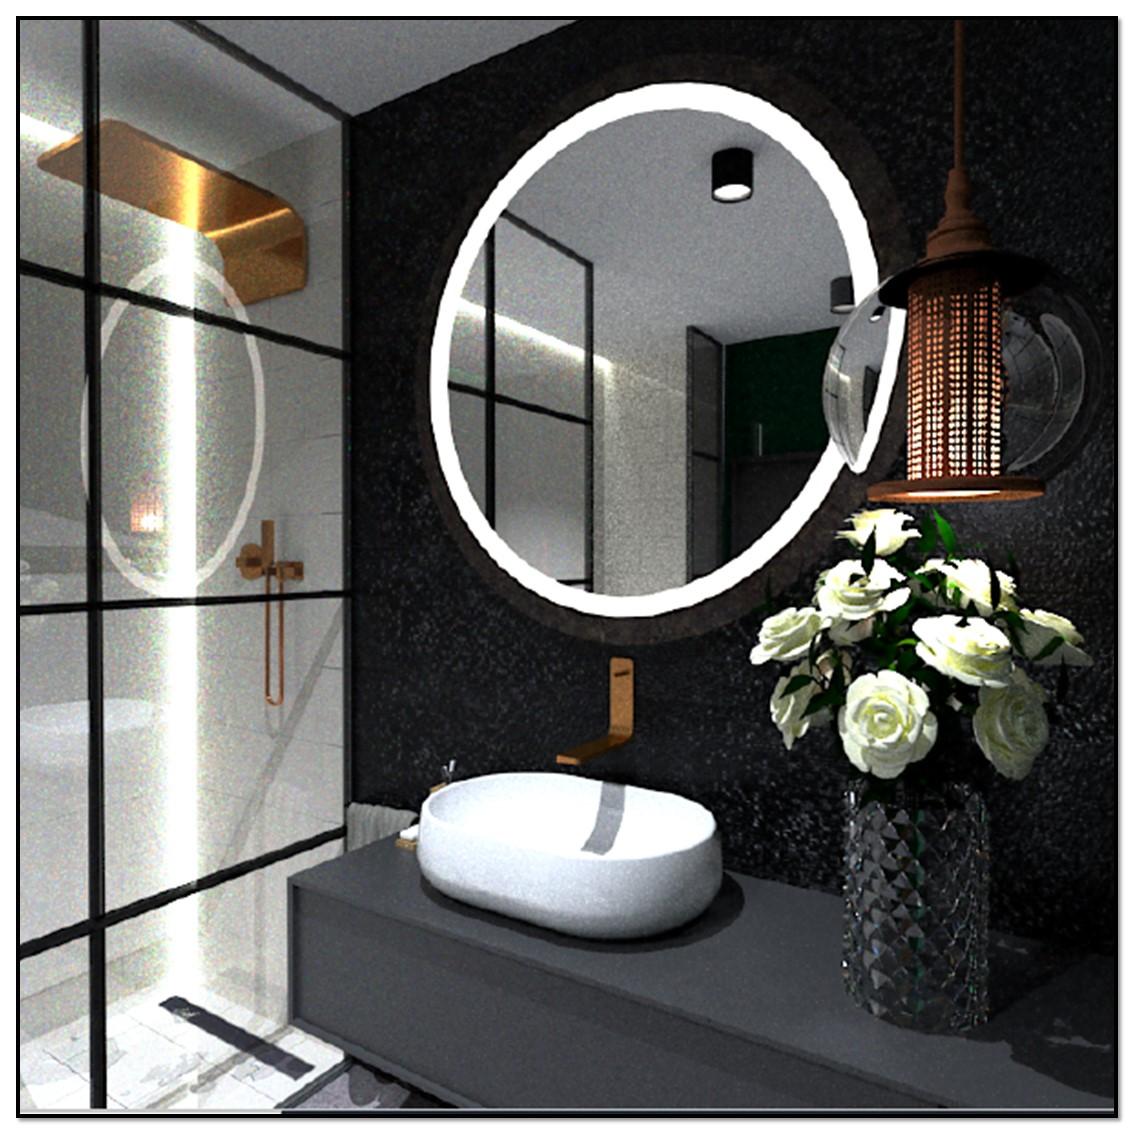 łazienka z kabiną prysznicowaą